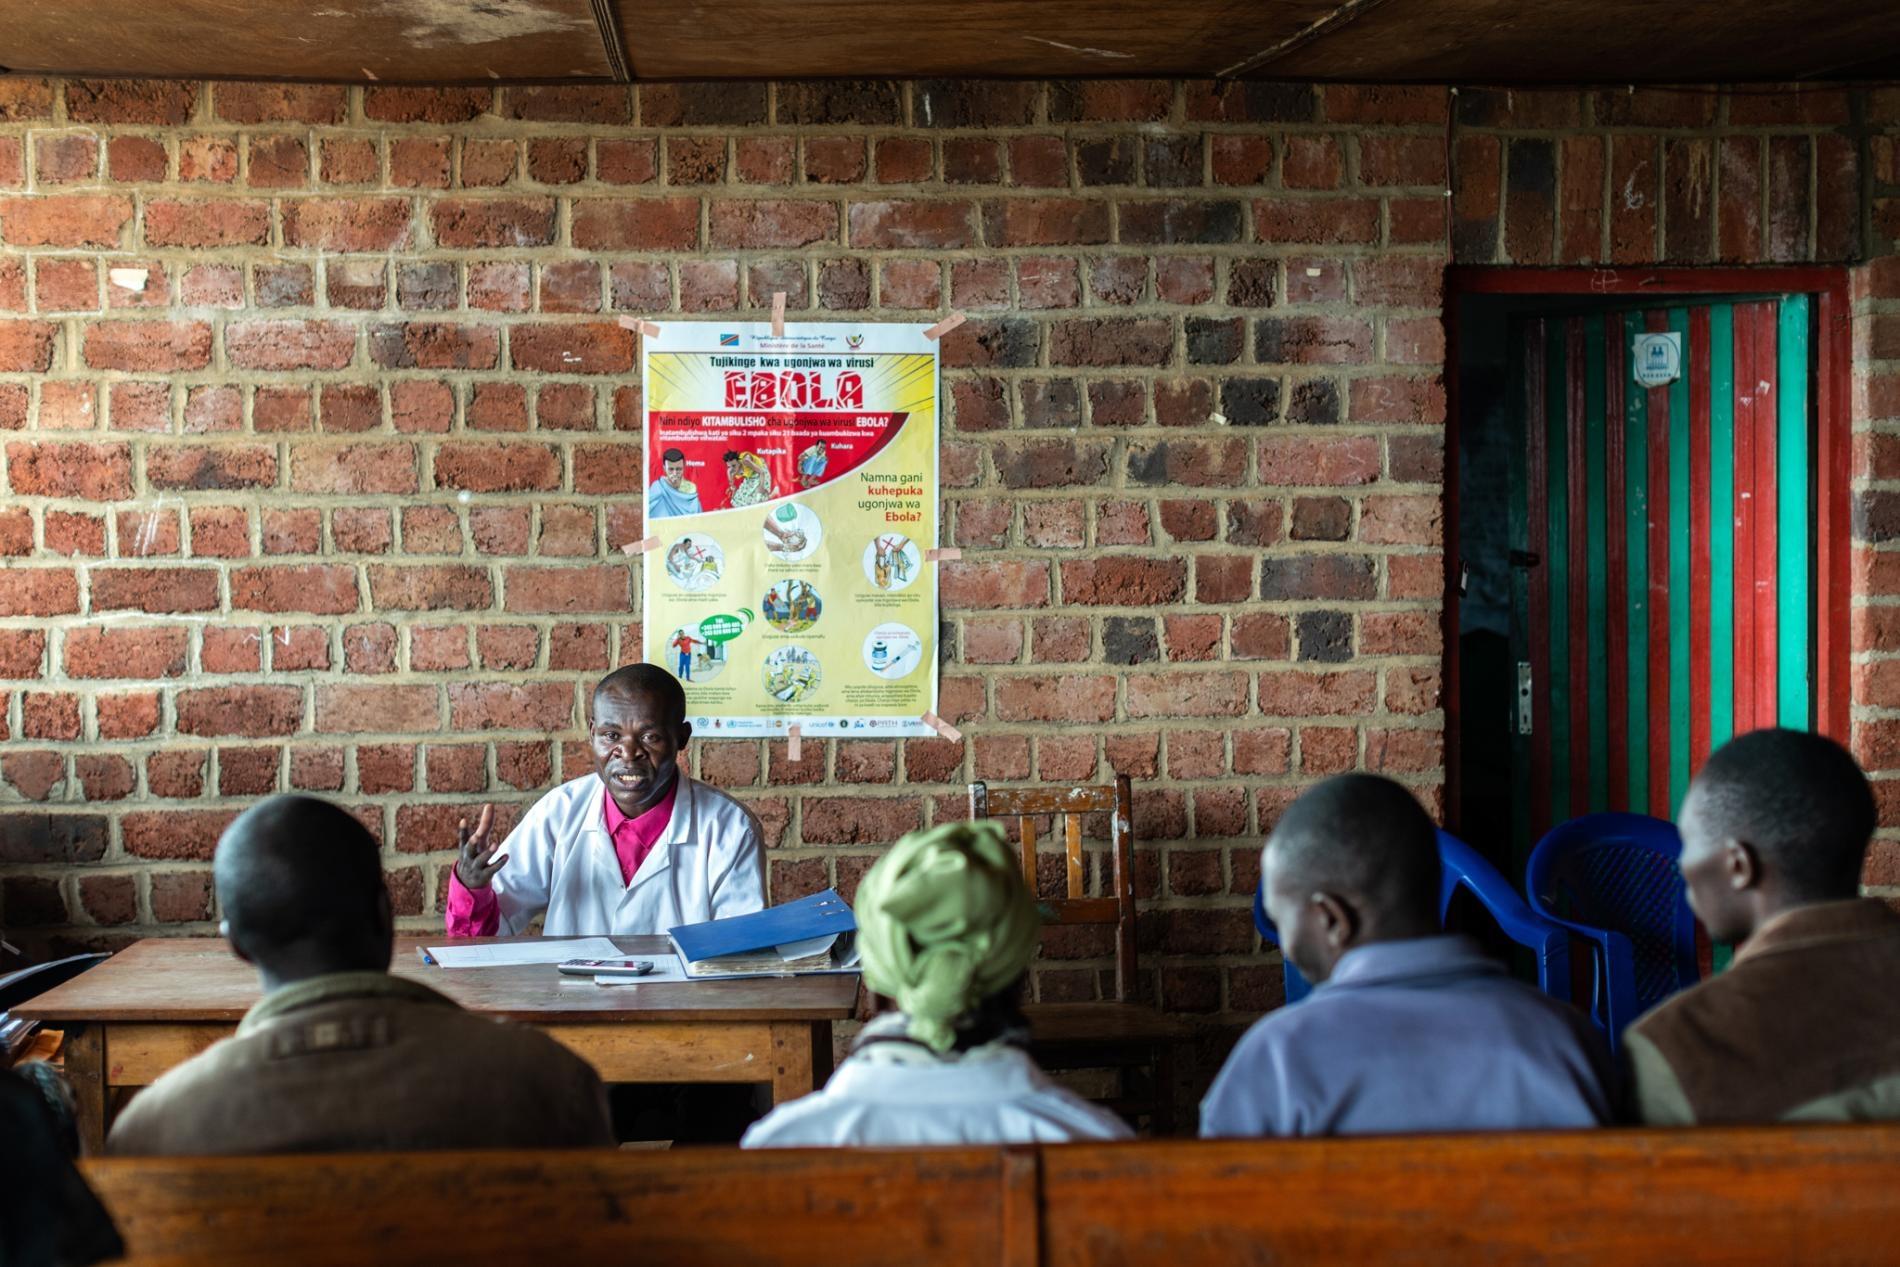 2019年3月4日,在DRC炯多鎮外,當地衛生團隊與社區醫療外展人員在一天的實地工作後互相交流,討論集體進展與面臨的挑戰。WHO已經在大城市外,像炯多這樣的區域設立數個伊波拉反應營,小型群聚的伊波拉病患會出現在這種區域。炯多位於布滕博往維龍加方向的1.5小時車程處。PHOTOGRAPH BY NICHOLE SOBECKI